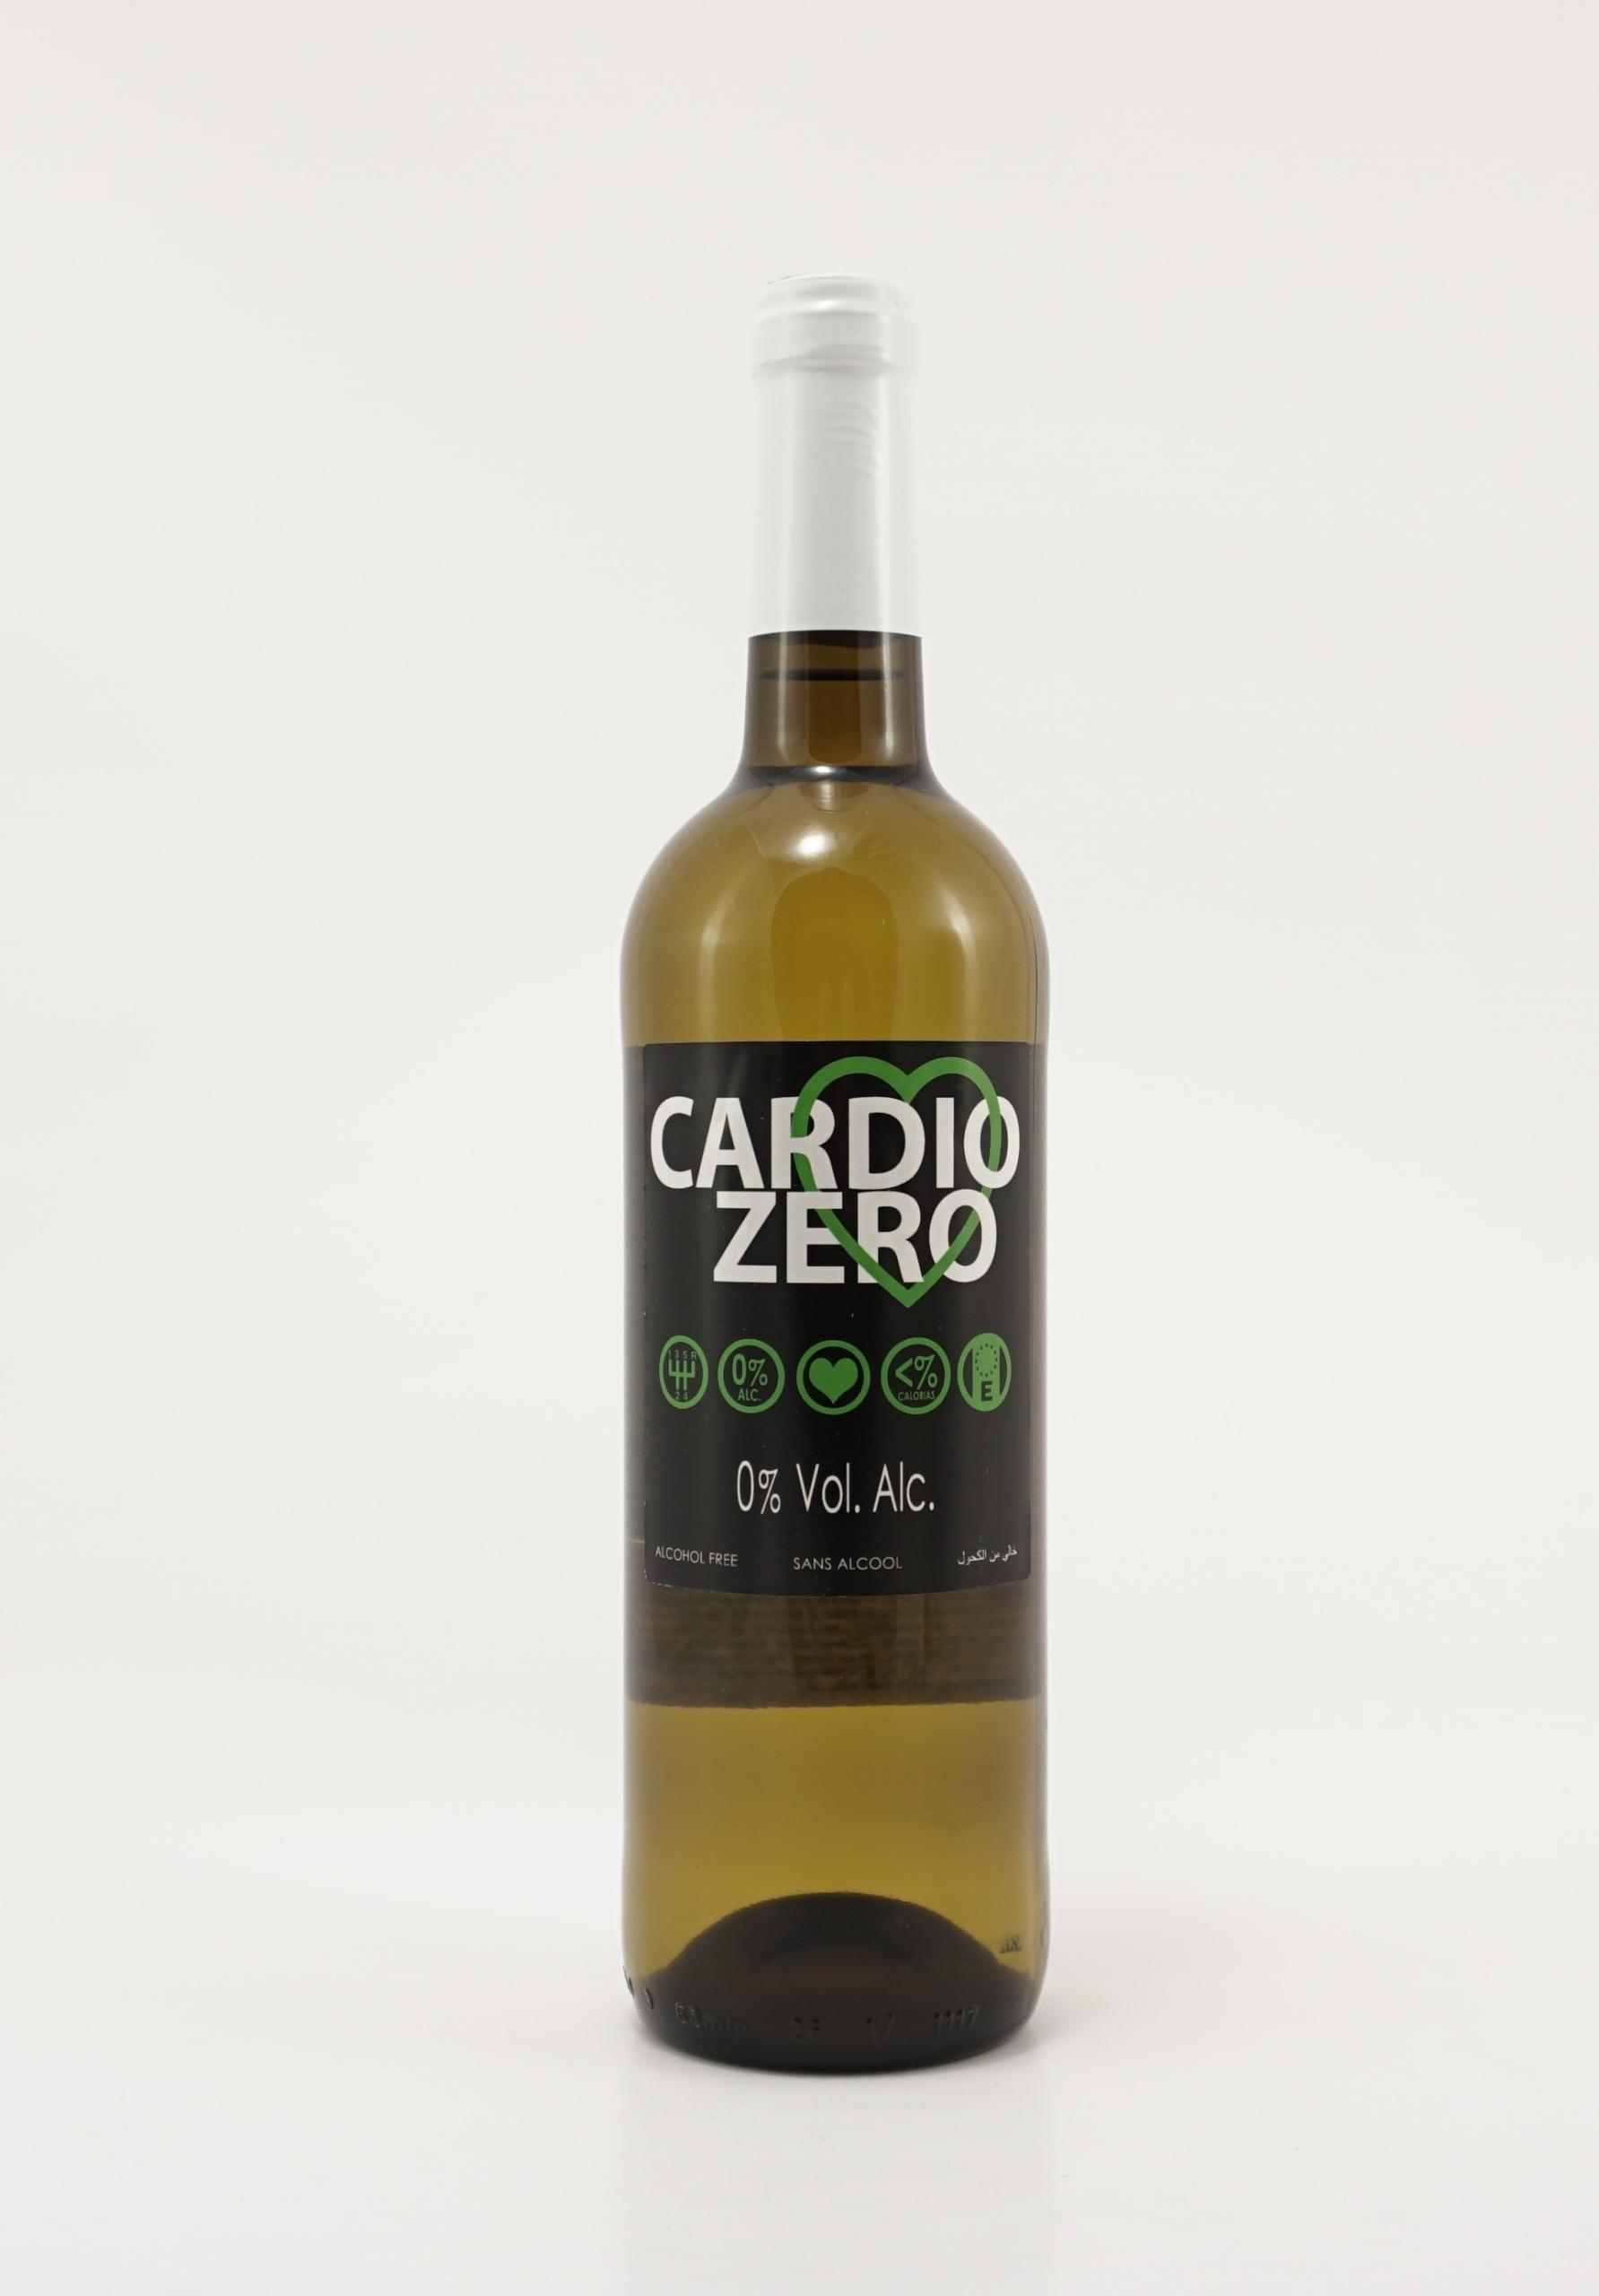 Cardio Zero белое сухое безалкогольное вино